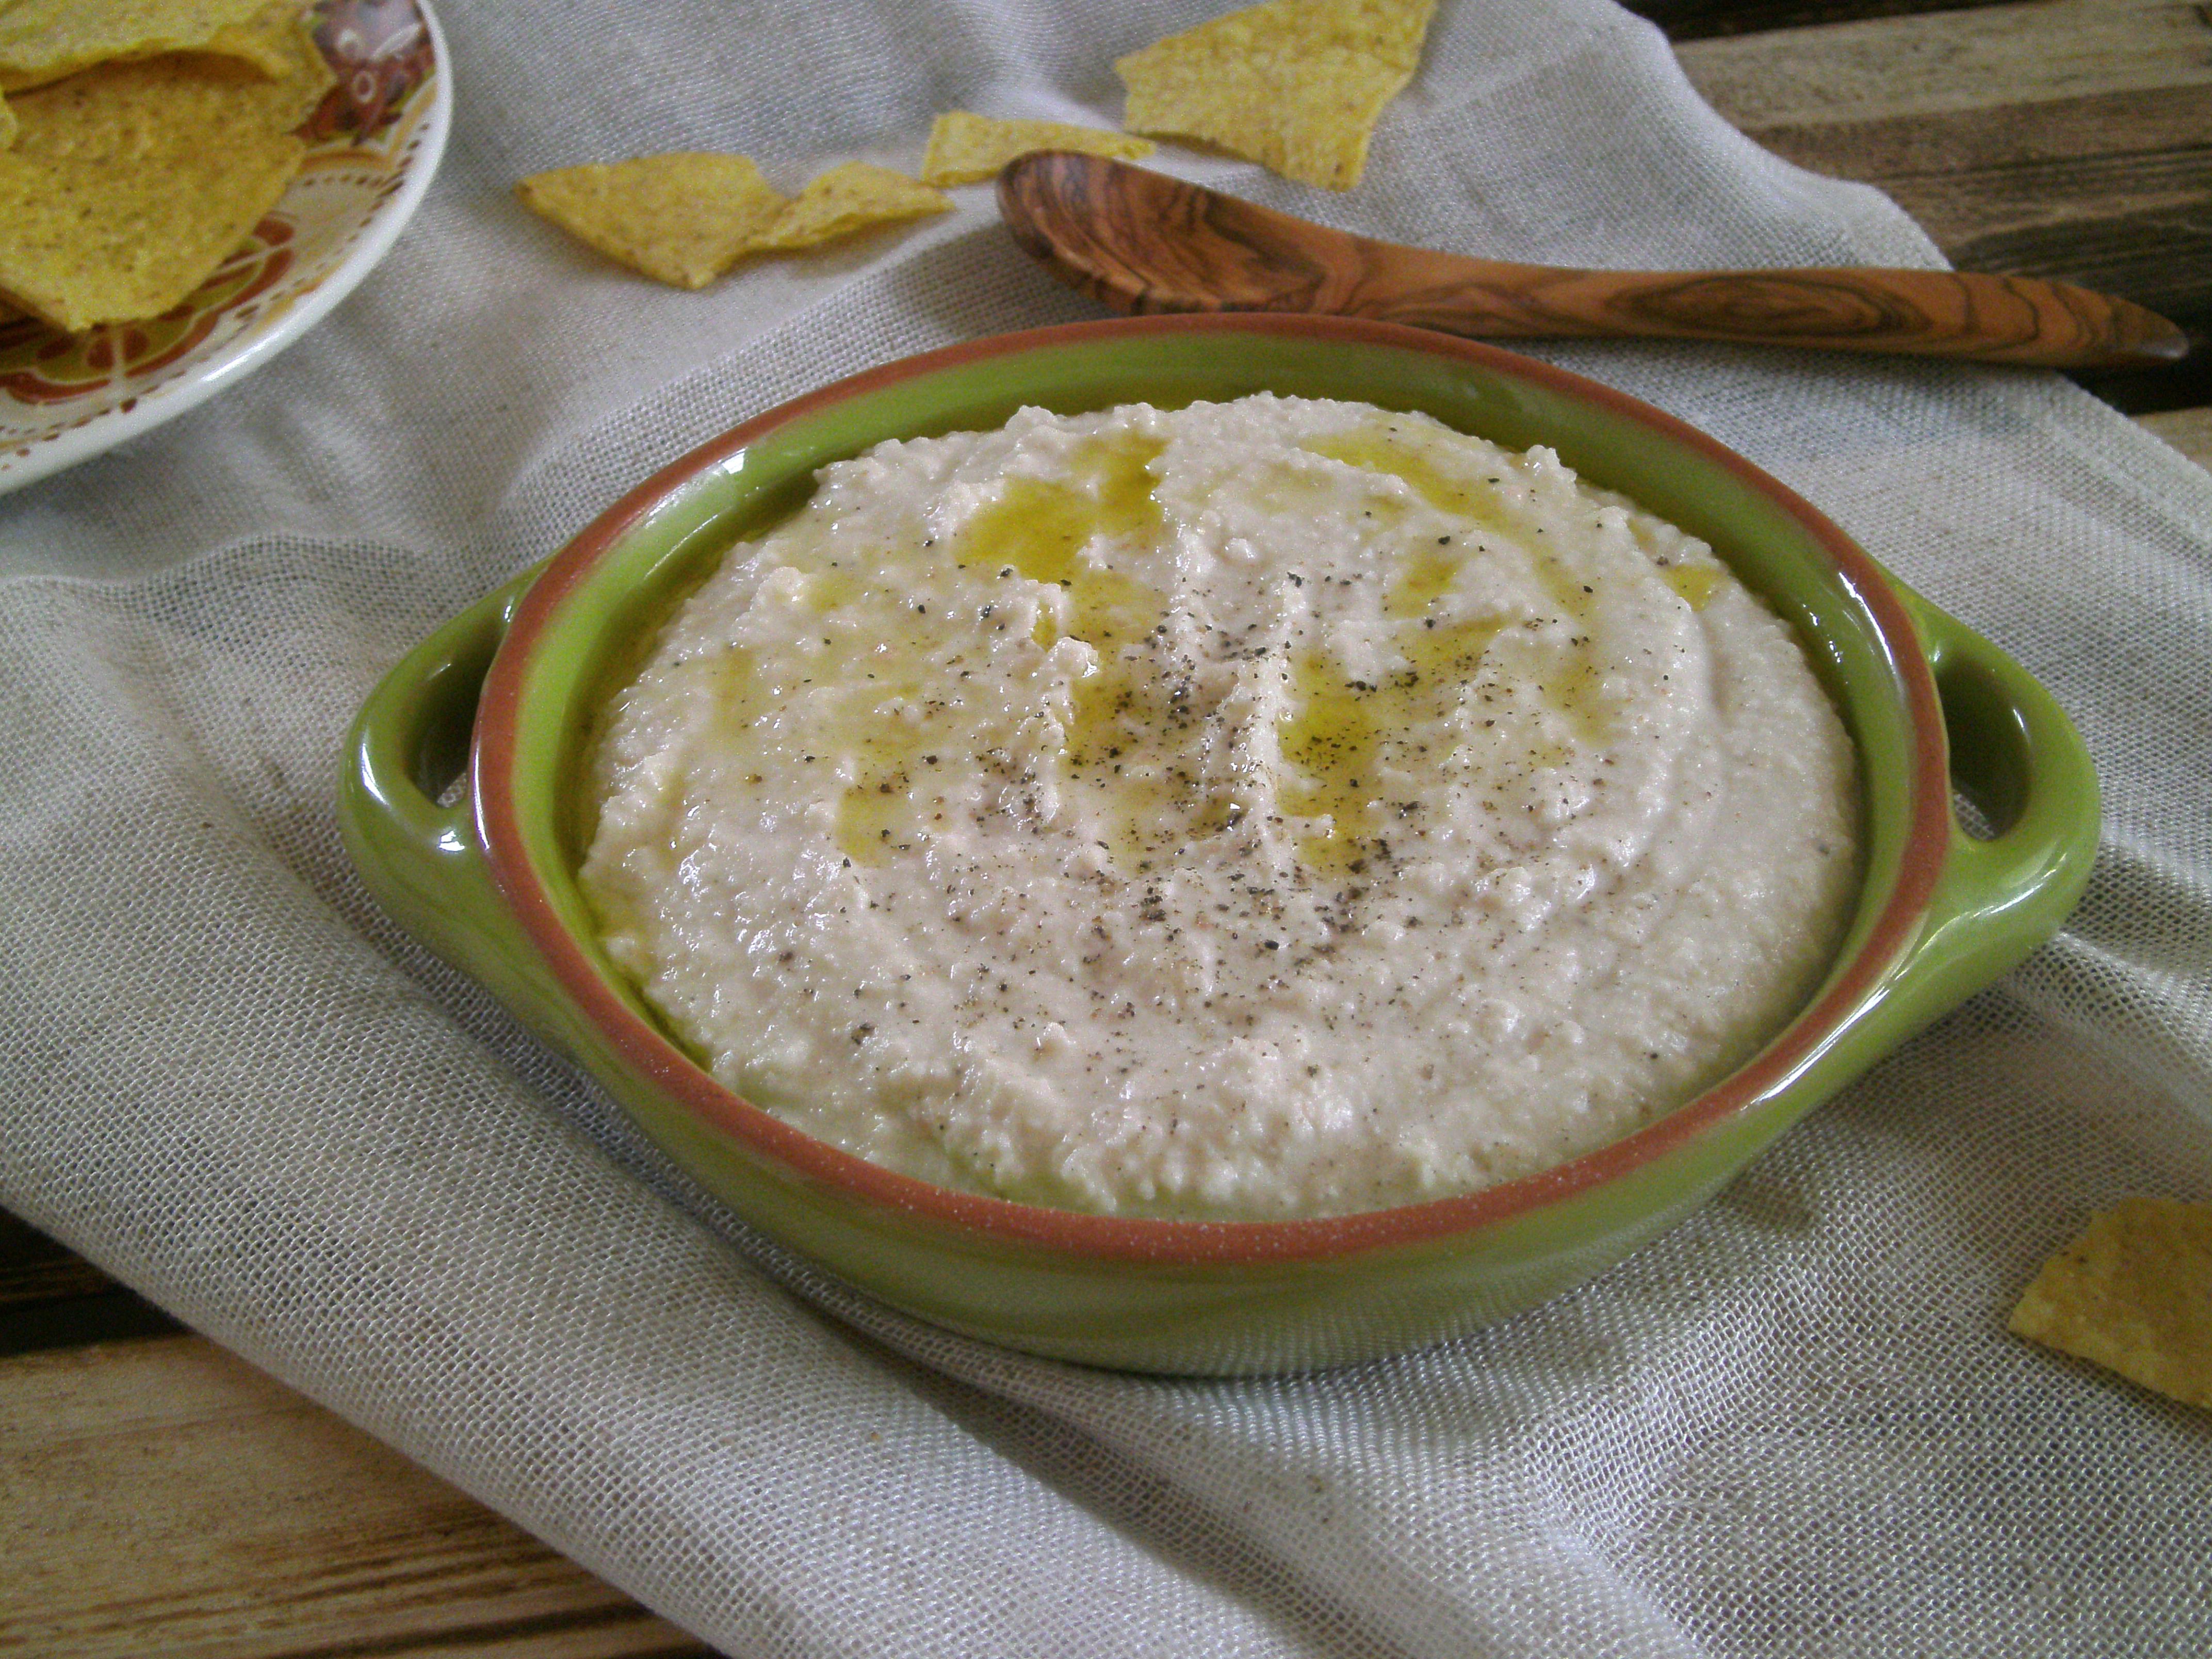 Rezepte -Dips - Aioli - Knobisauce - weiße Bohnen - vegan - glutenfrei - essen